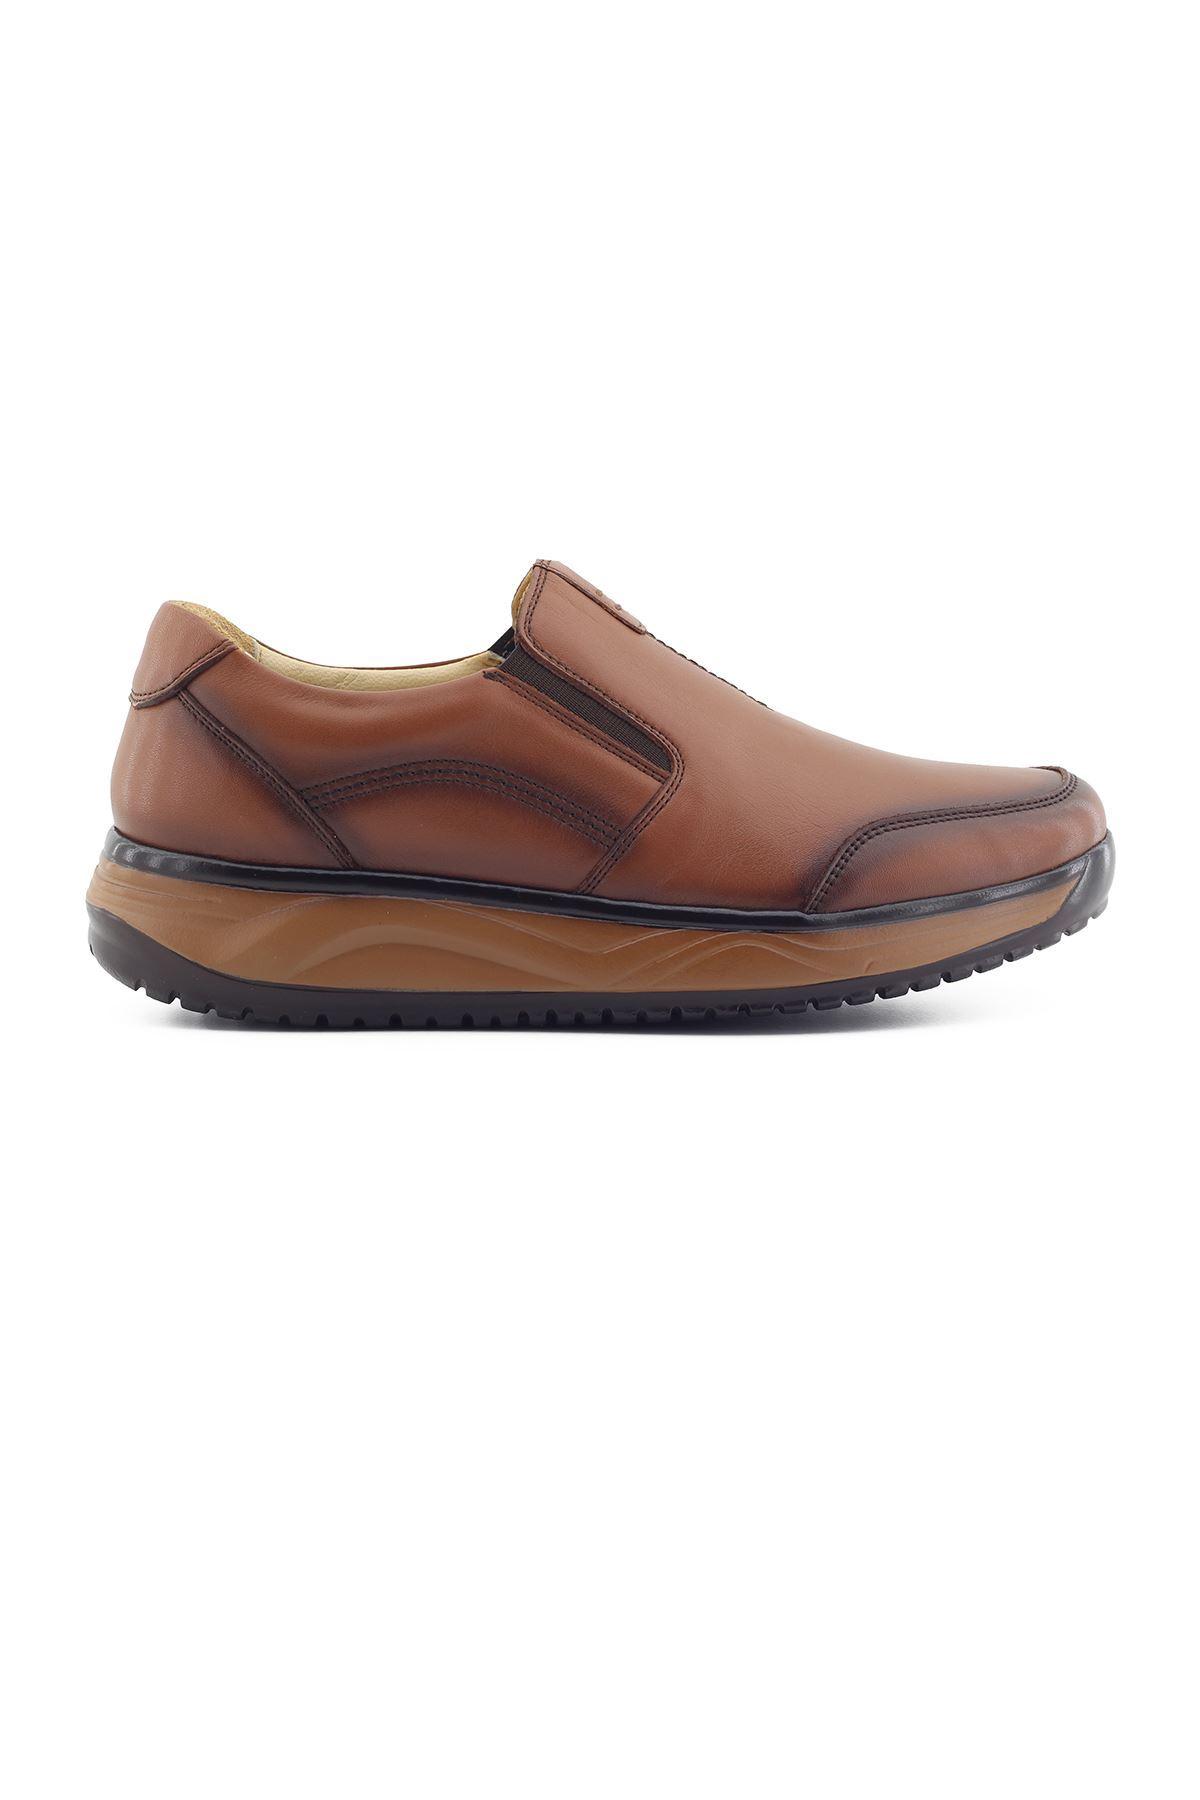 1650 Taba Erkek Büyük Numara Yürüyüş Ayakkabısı (45-46)